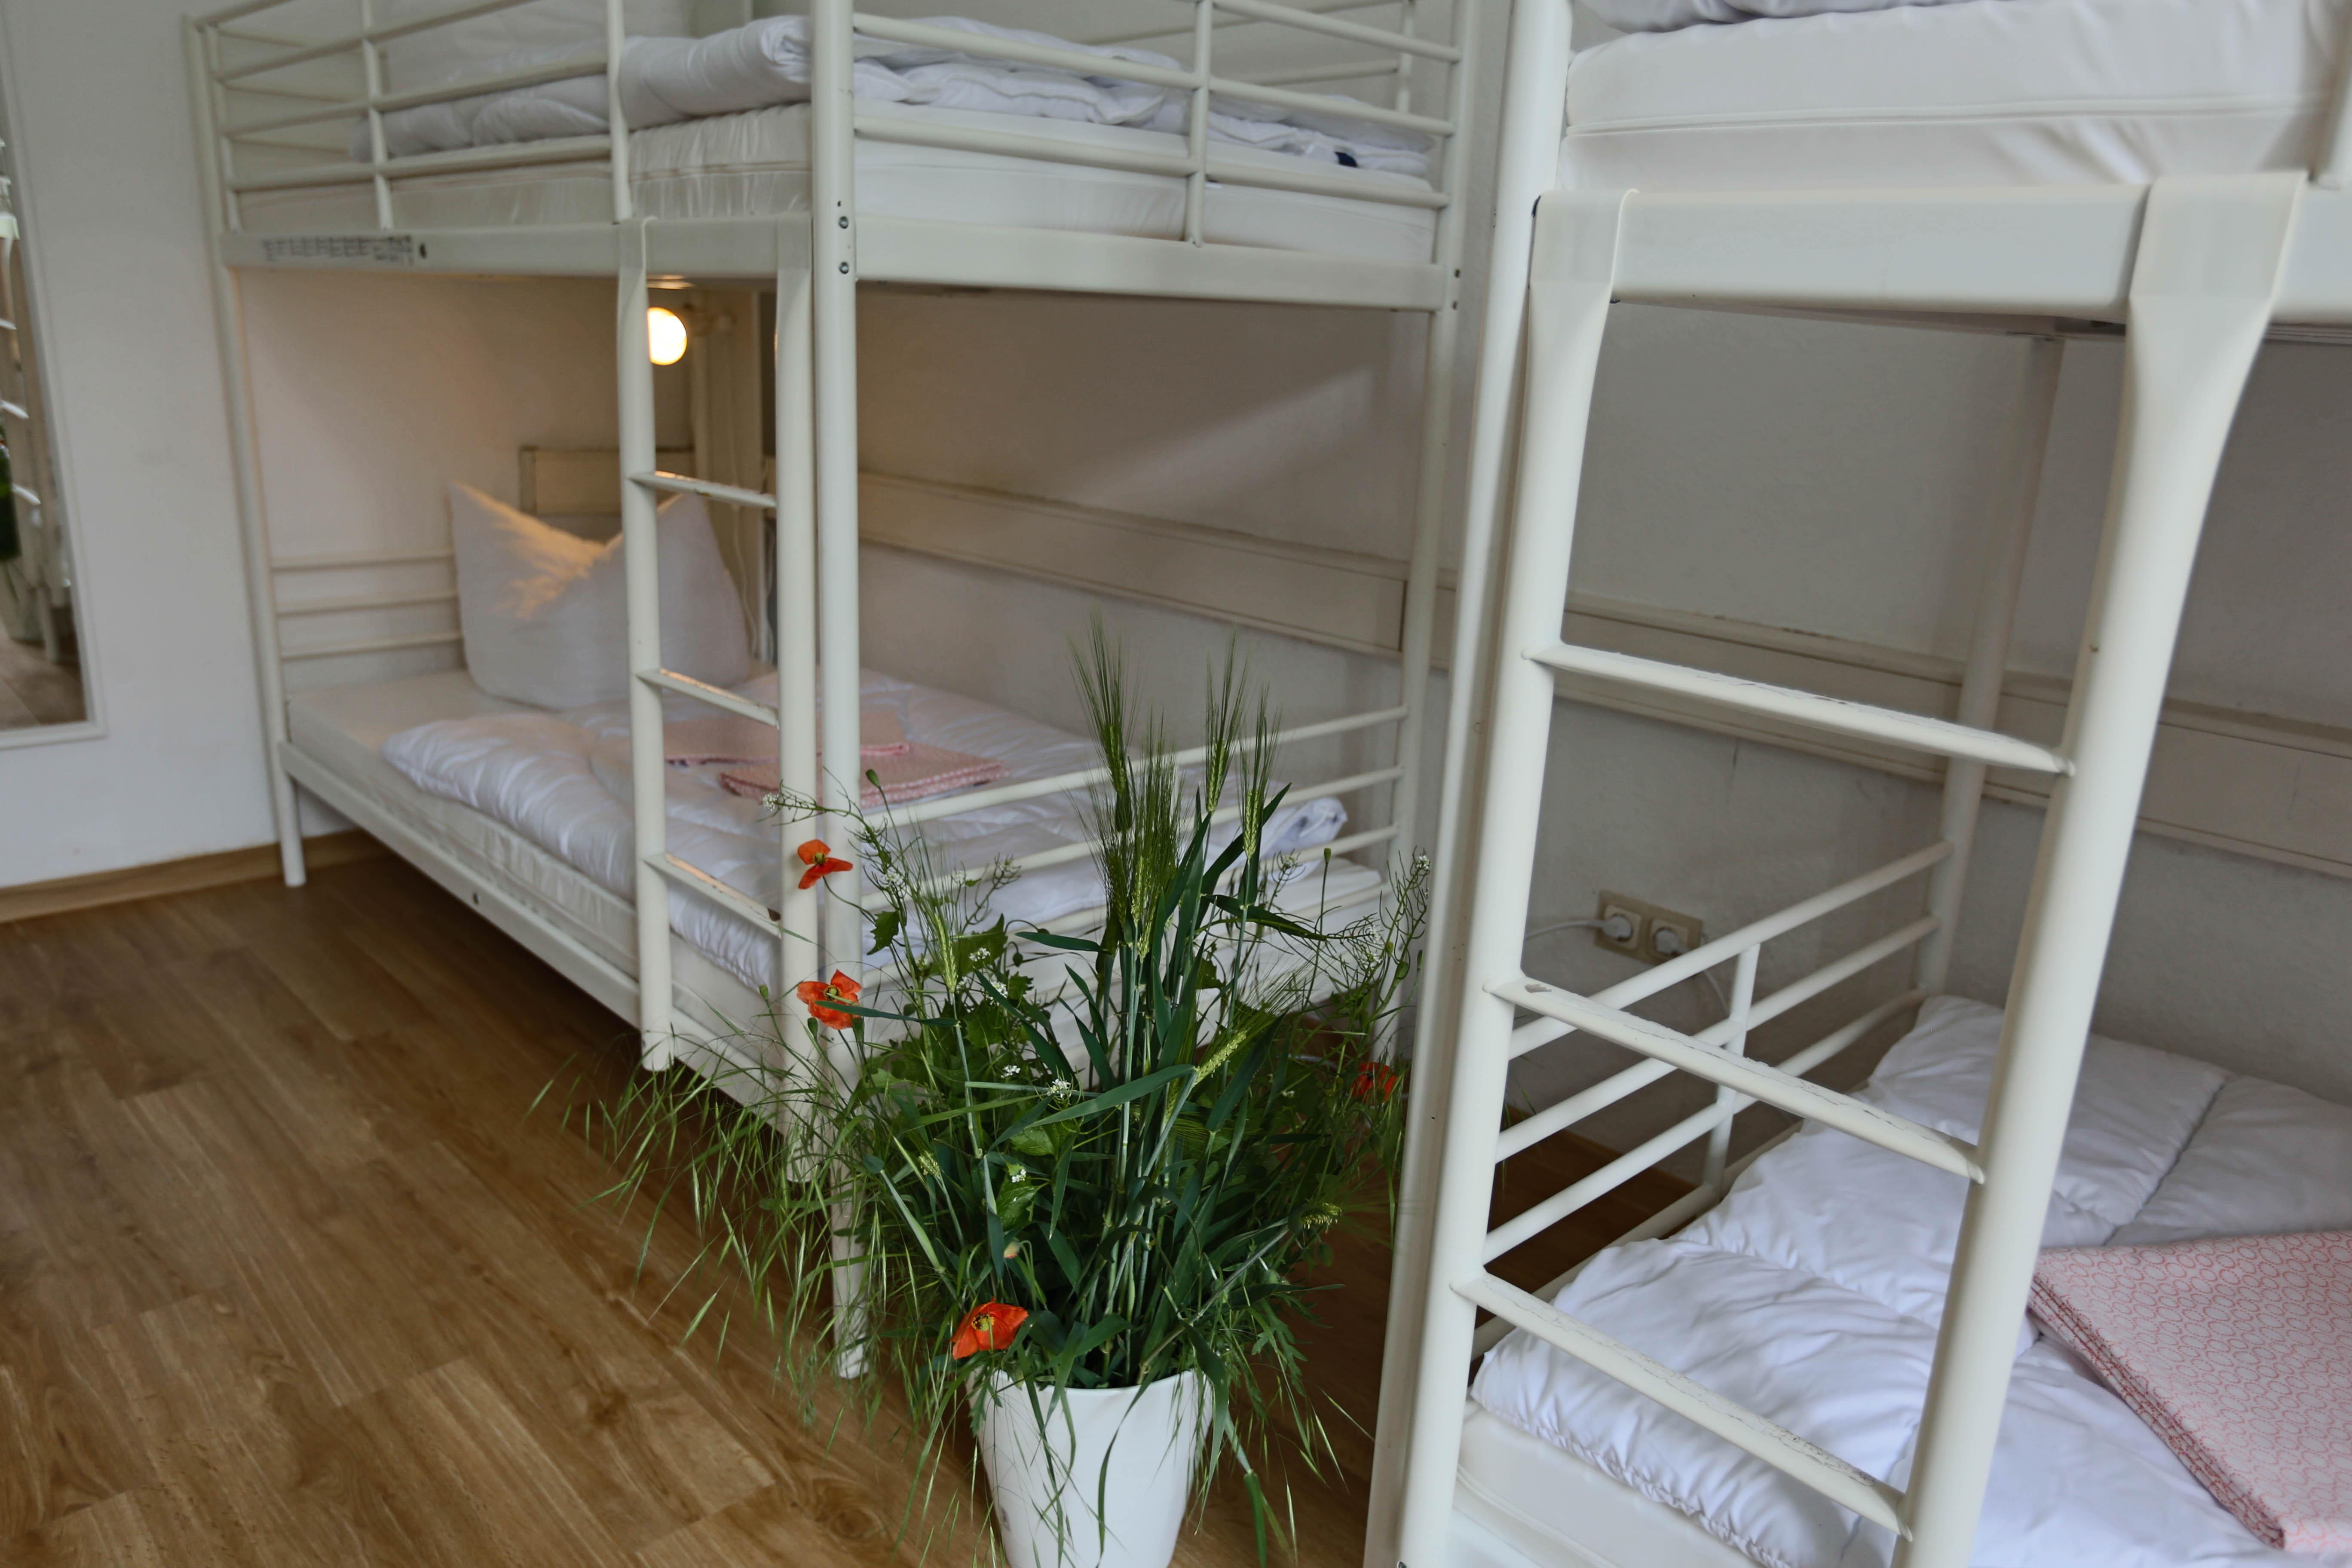 Home Familyinn Gunstiges Gruppen Und Familienhotel In Hildesheim